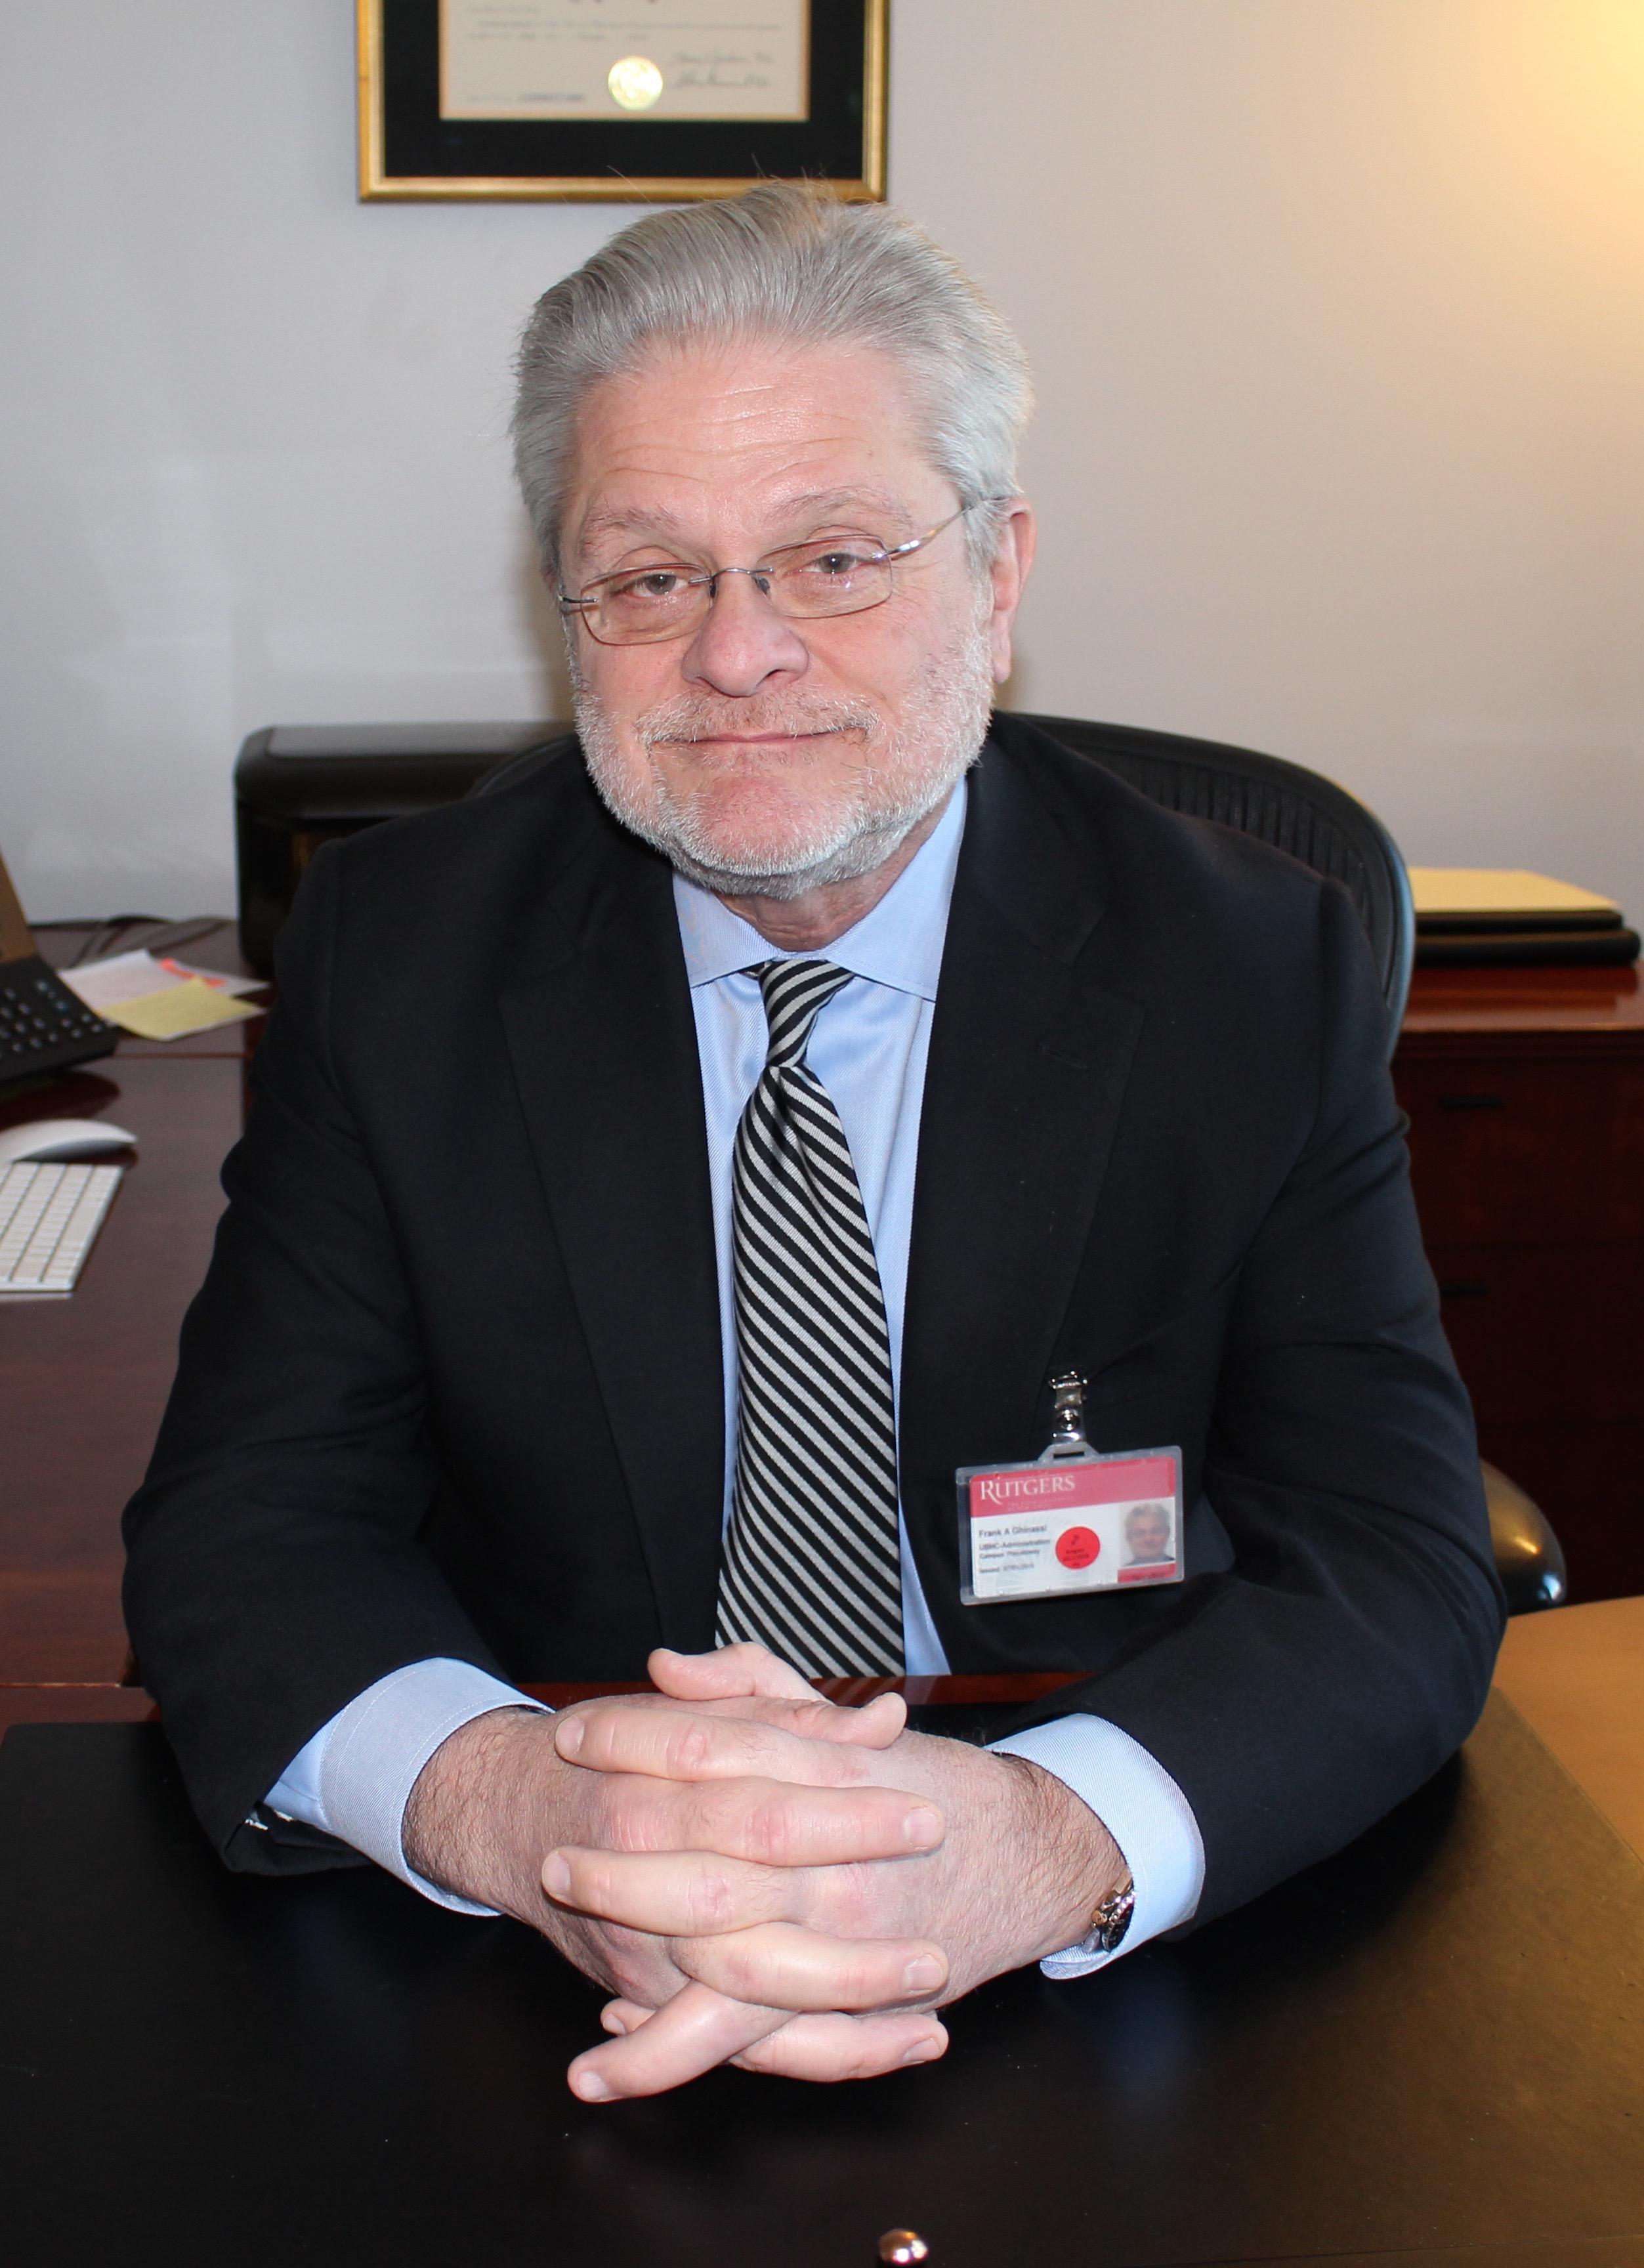 NJMHI Board Member Discusses Mental Health in ROI-NJ Article